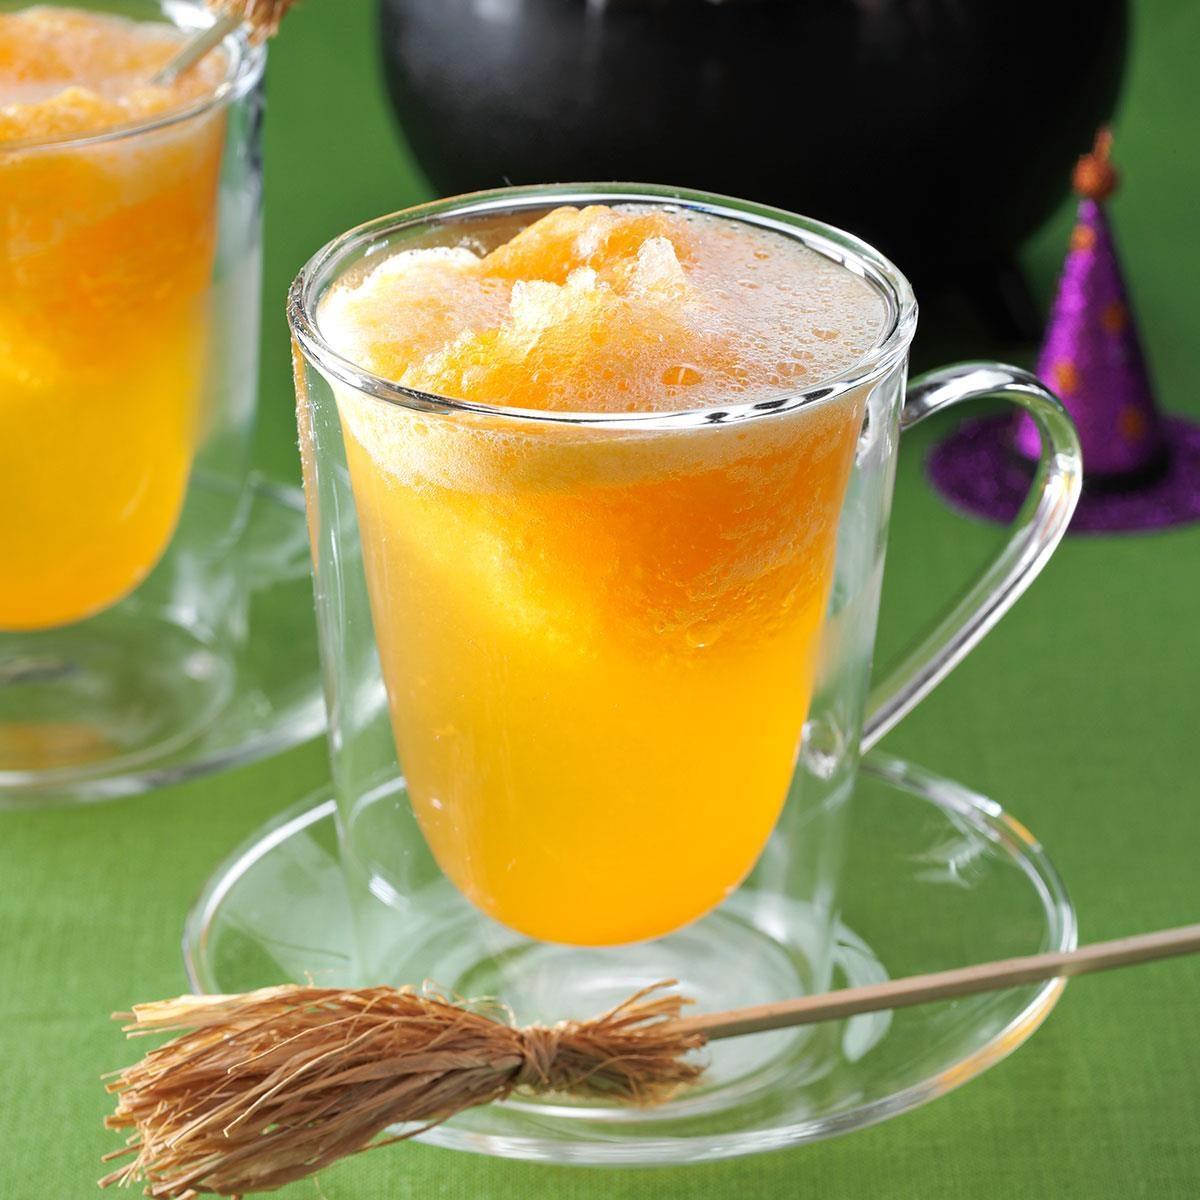 Orange Witches' Brew Punch